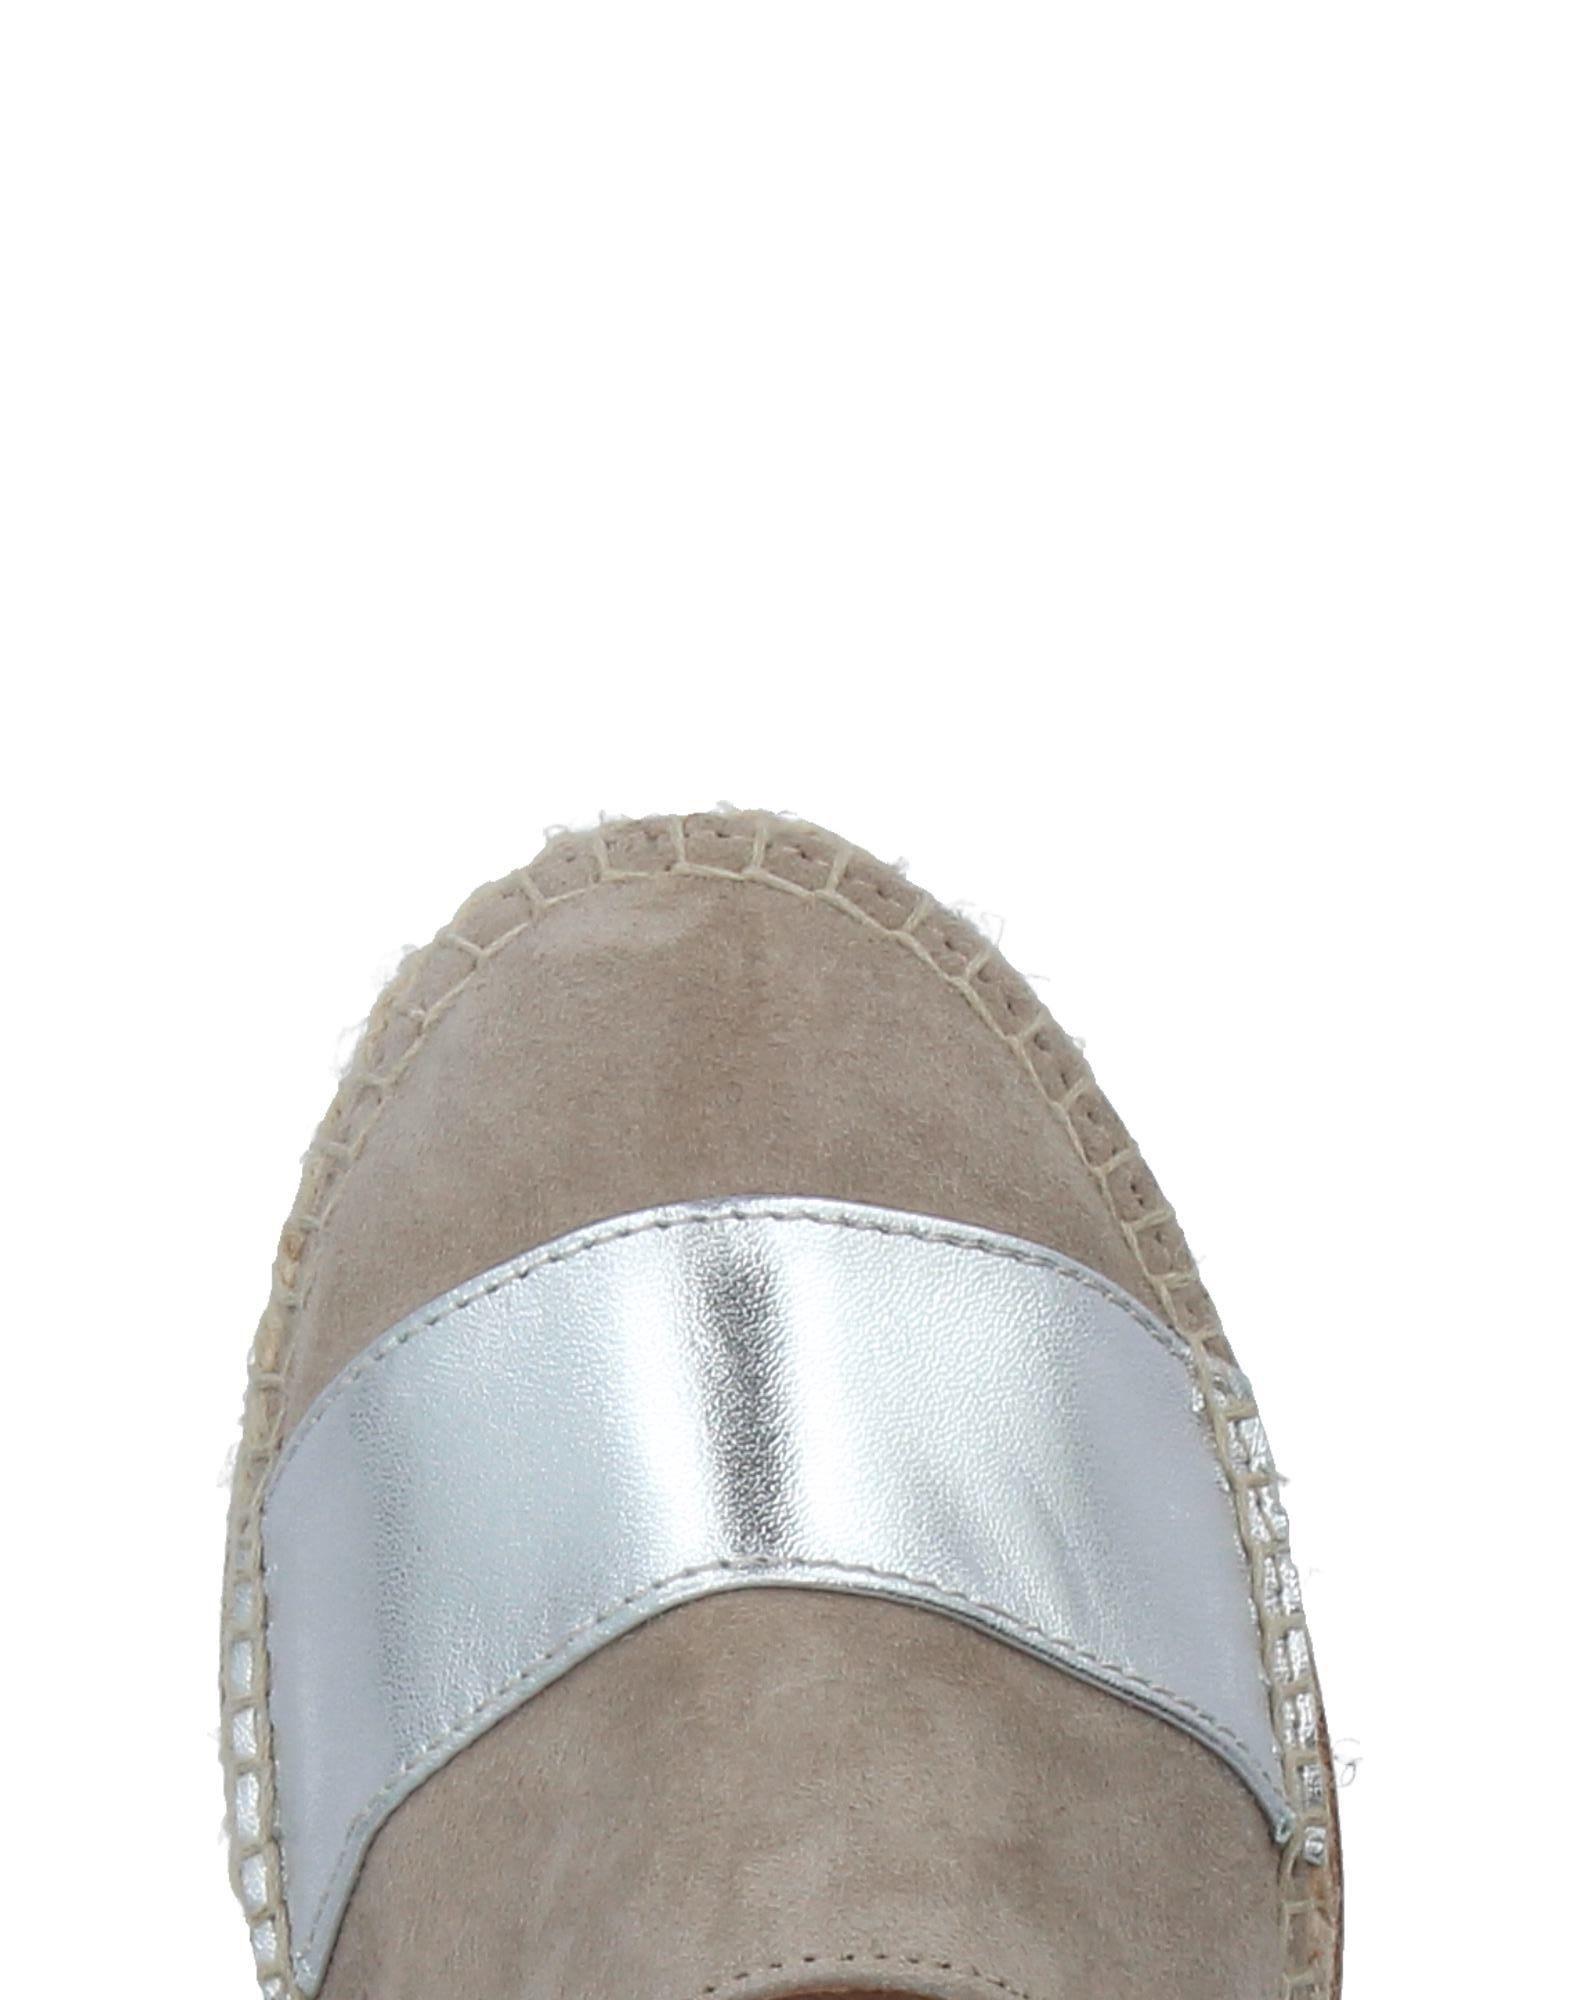 Gaimo Espadrilles Damen Damen Damen  11384357RJ Gute Qualität beliebte Schuhe 24430f